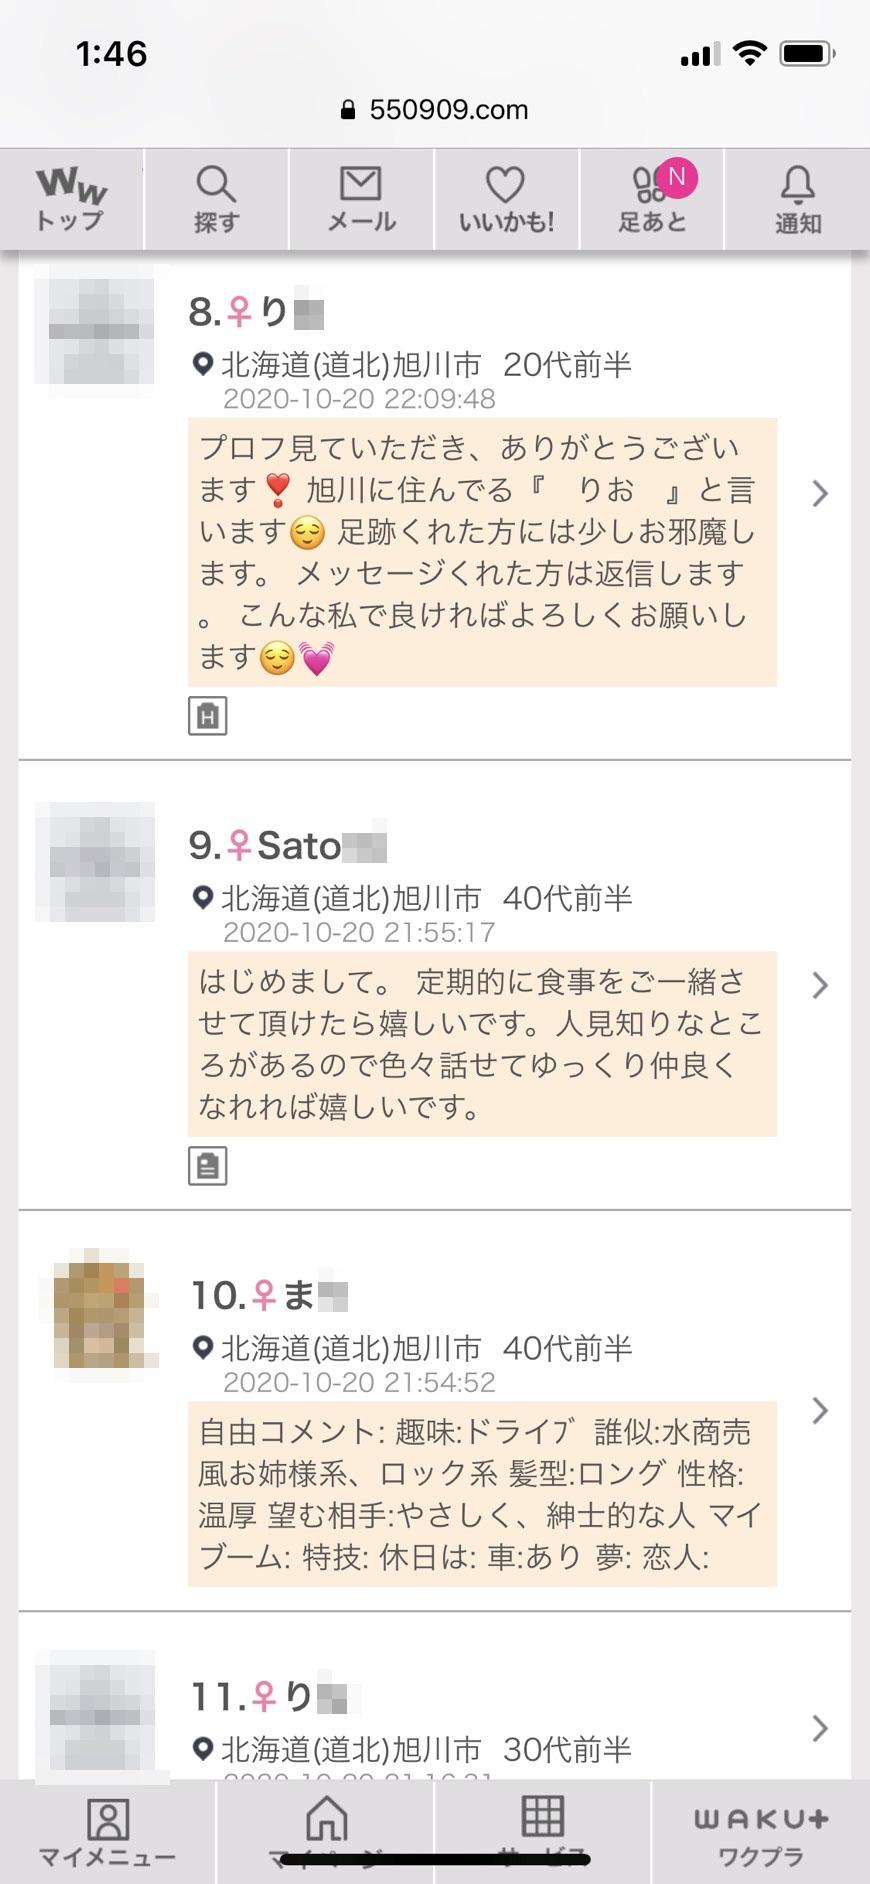 旭川・出会い希望(ワクワクメール)